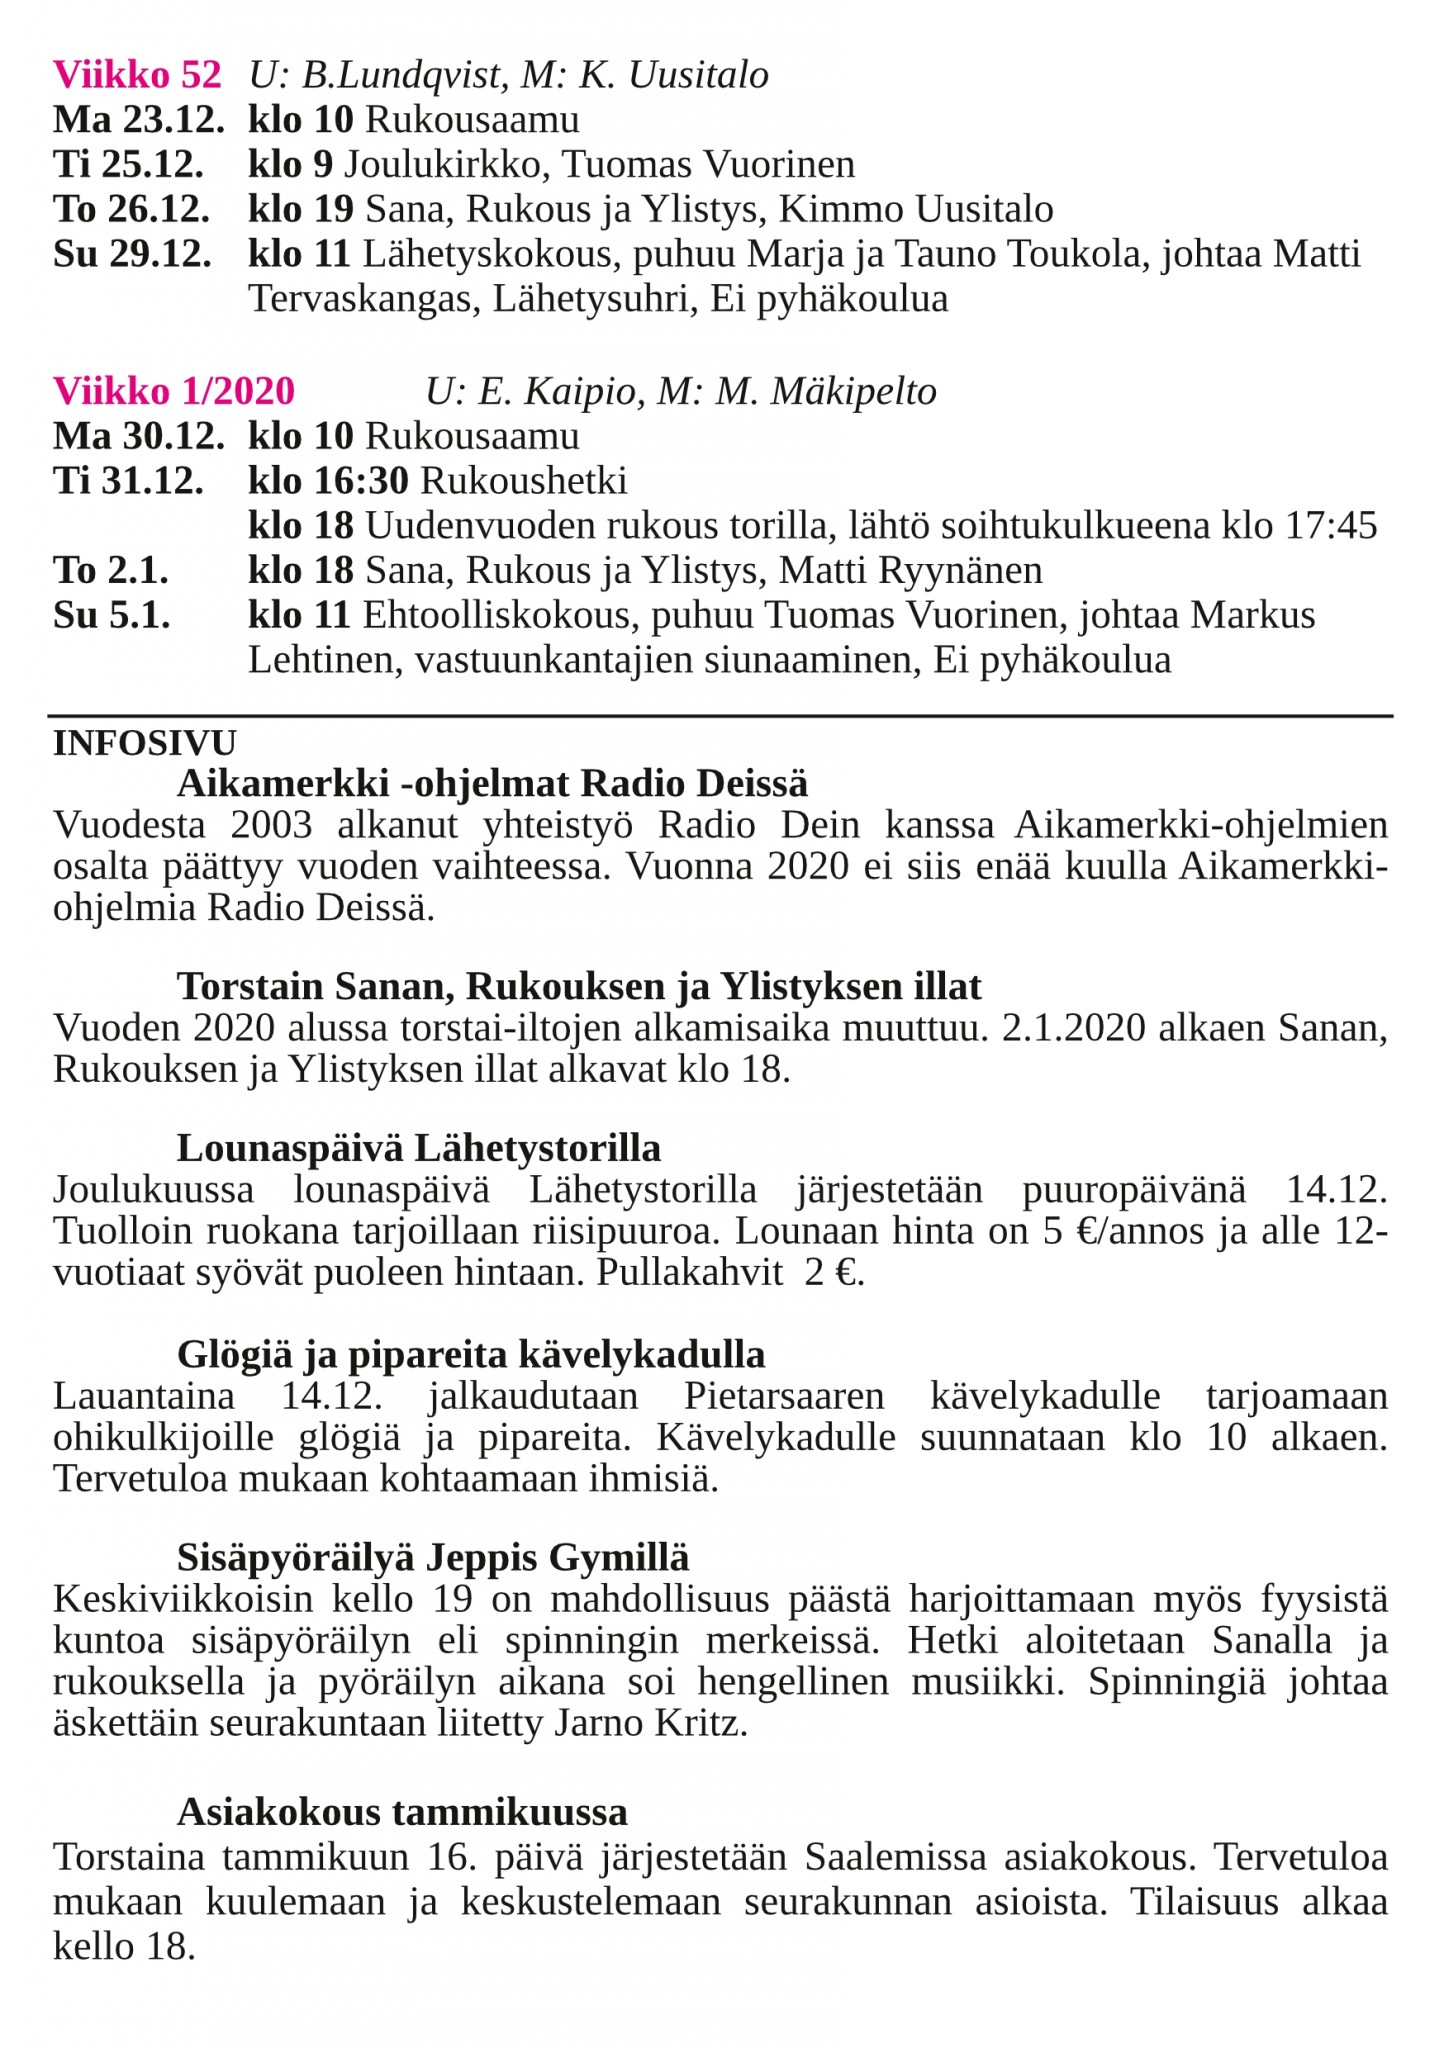 KK_tiedote201912-sivu005